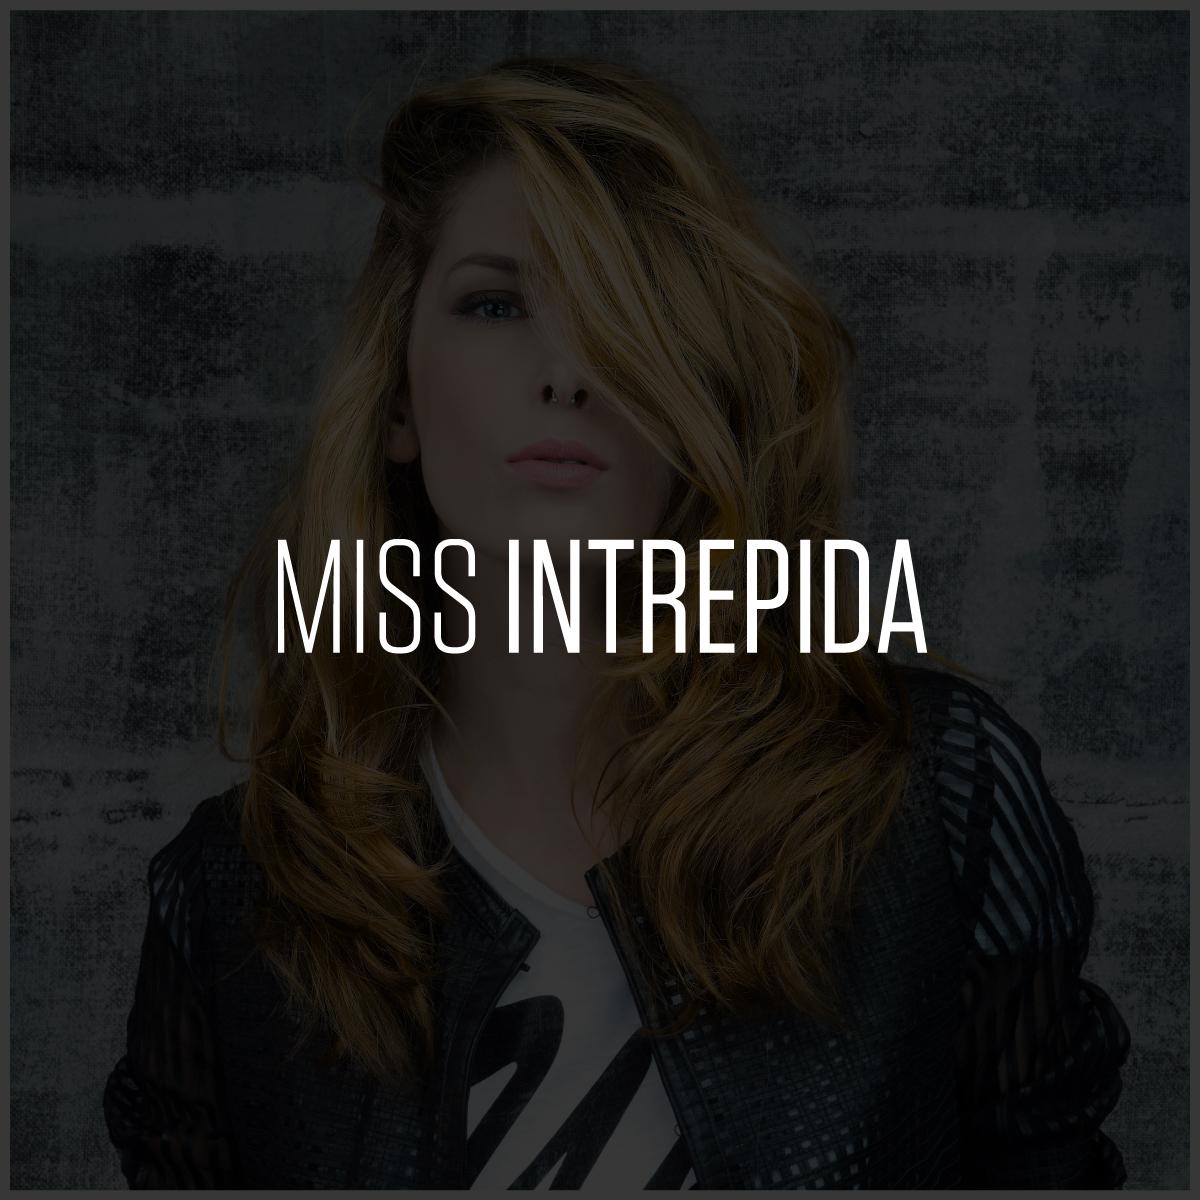 Miss Intrepida | Compagnia Della Bellezza | Collezione Miss l'era del coraggio | 2015